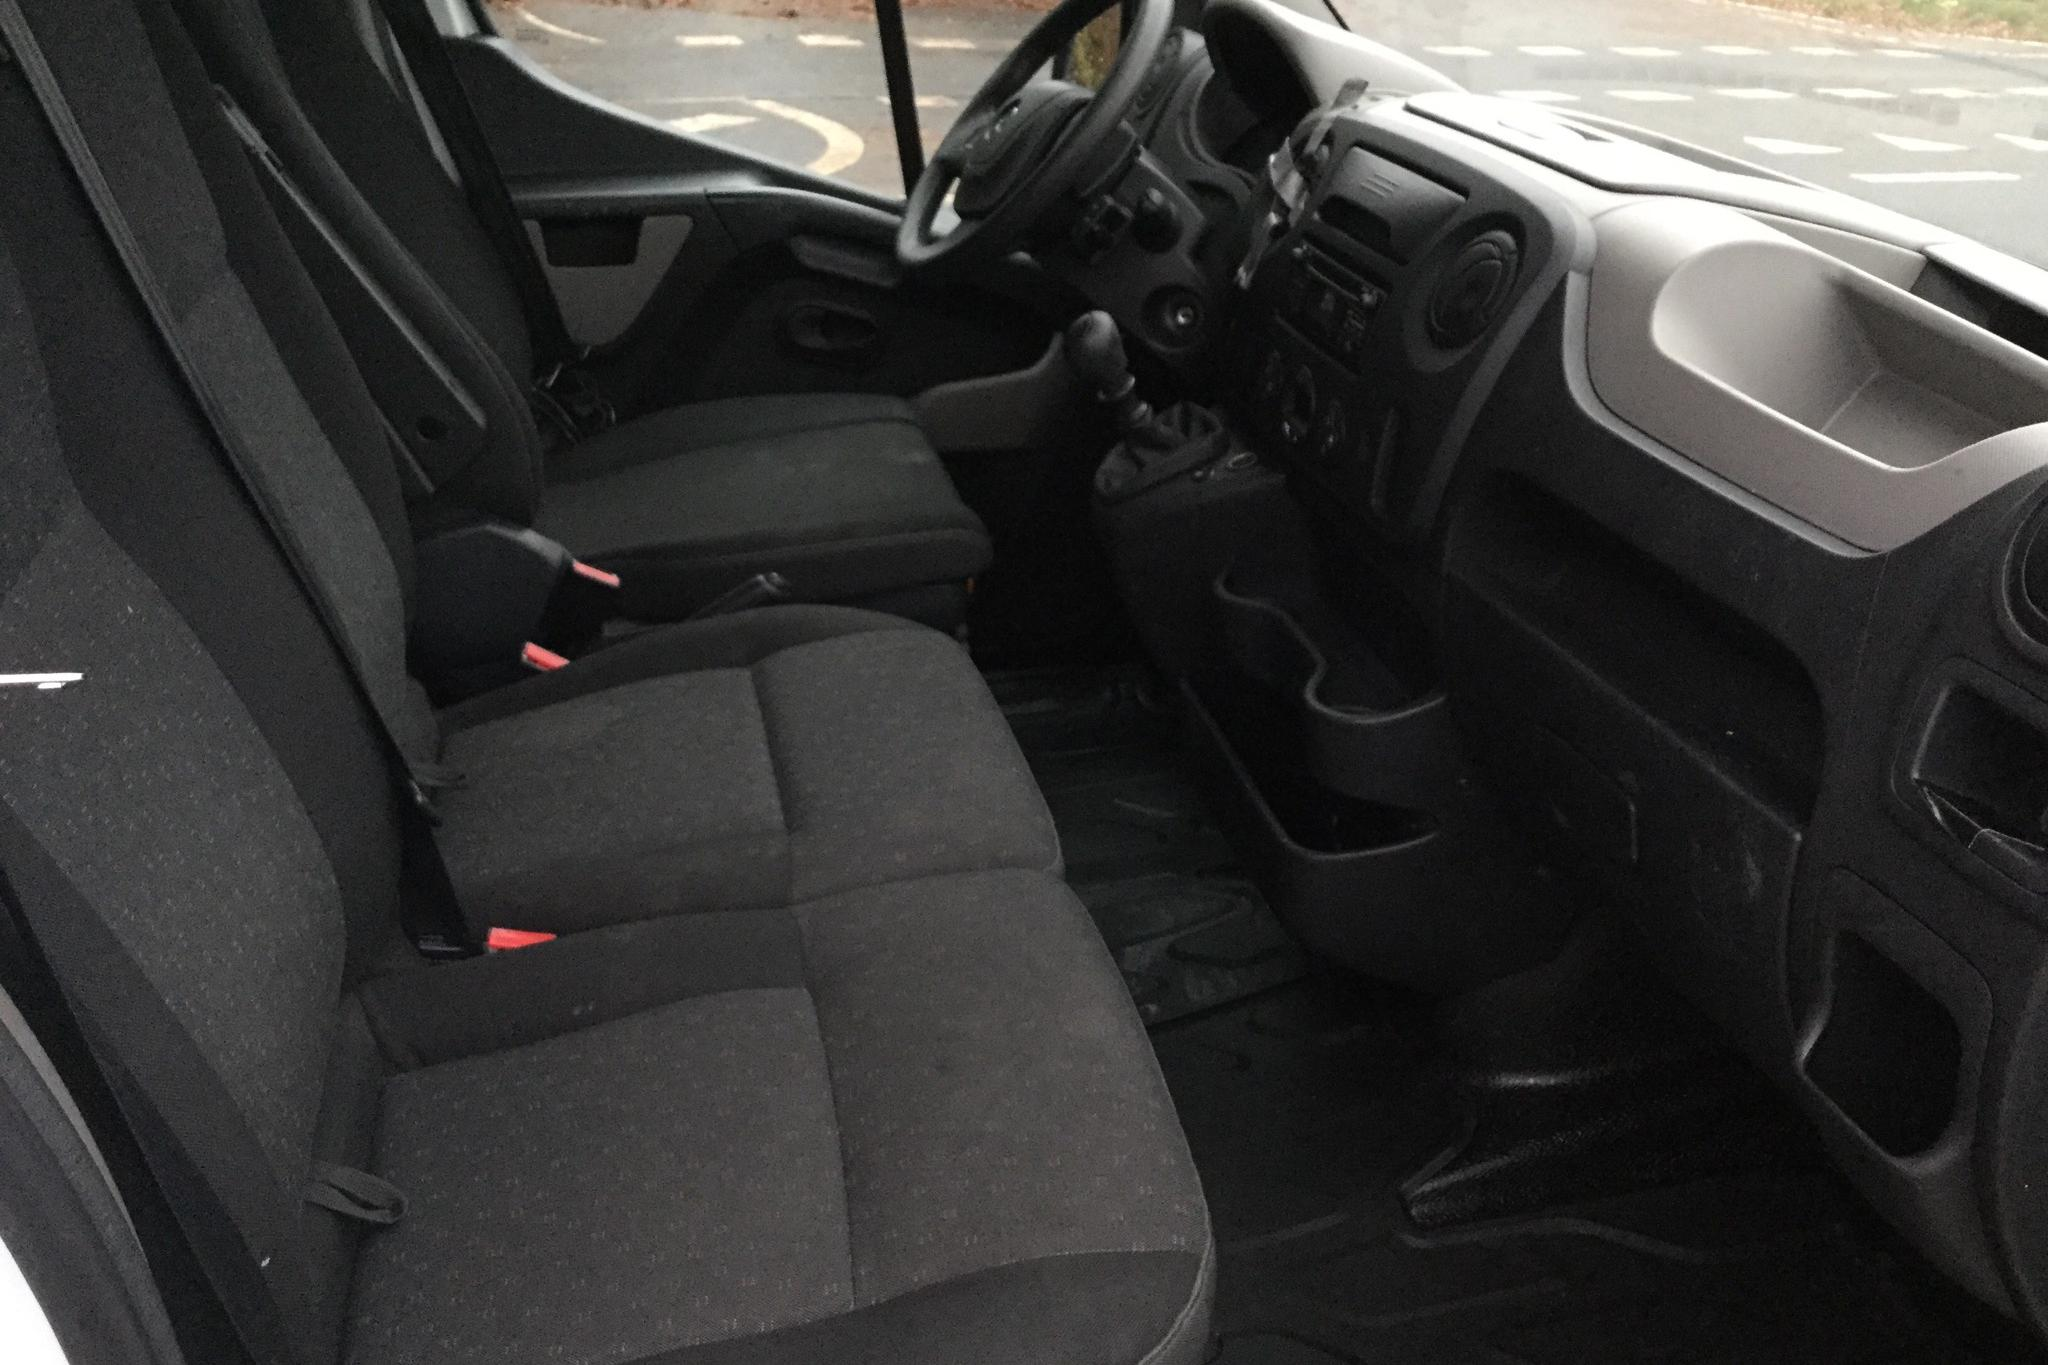 Opel Movano 2.3 CDTI 2WD Skåp (125hk) - 5 259 mil - Manuell - vit - 2016